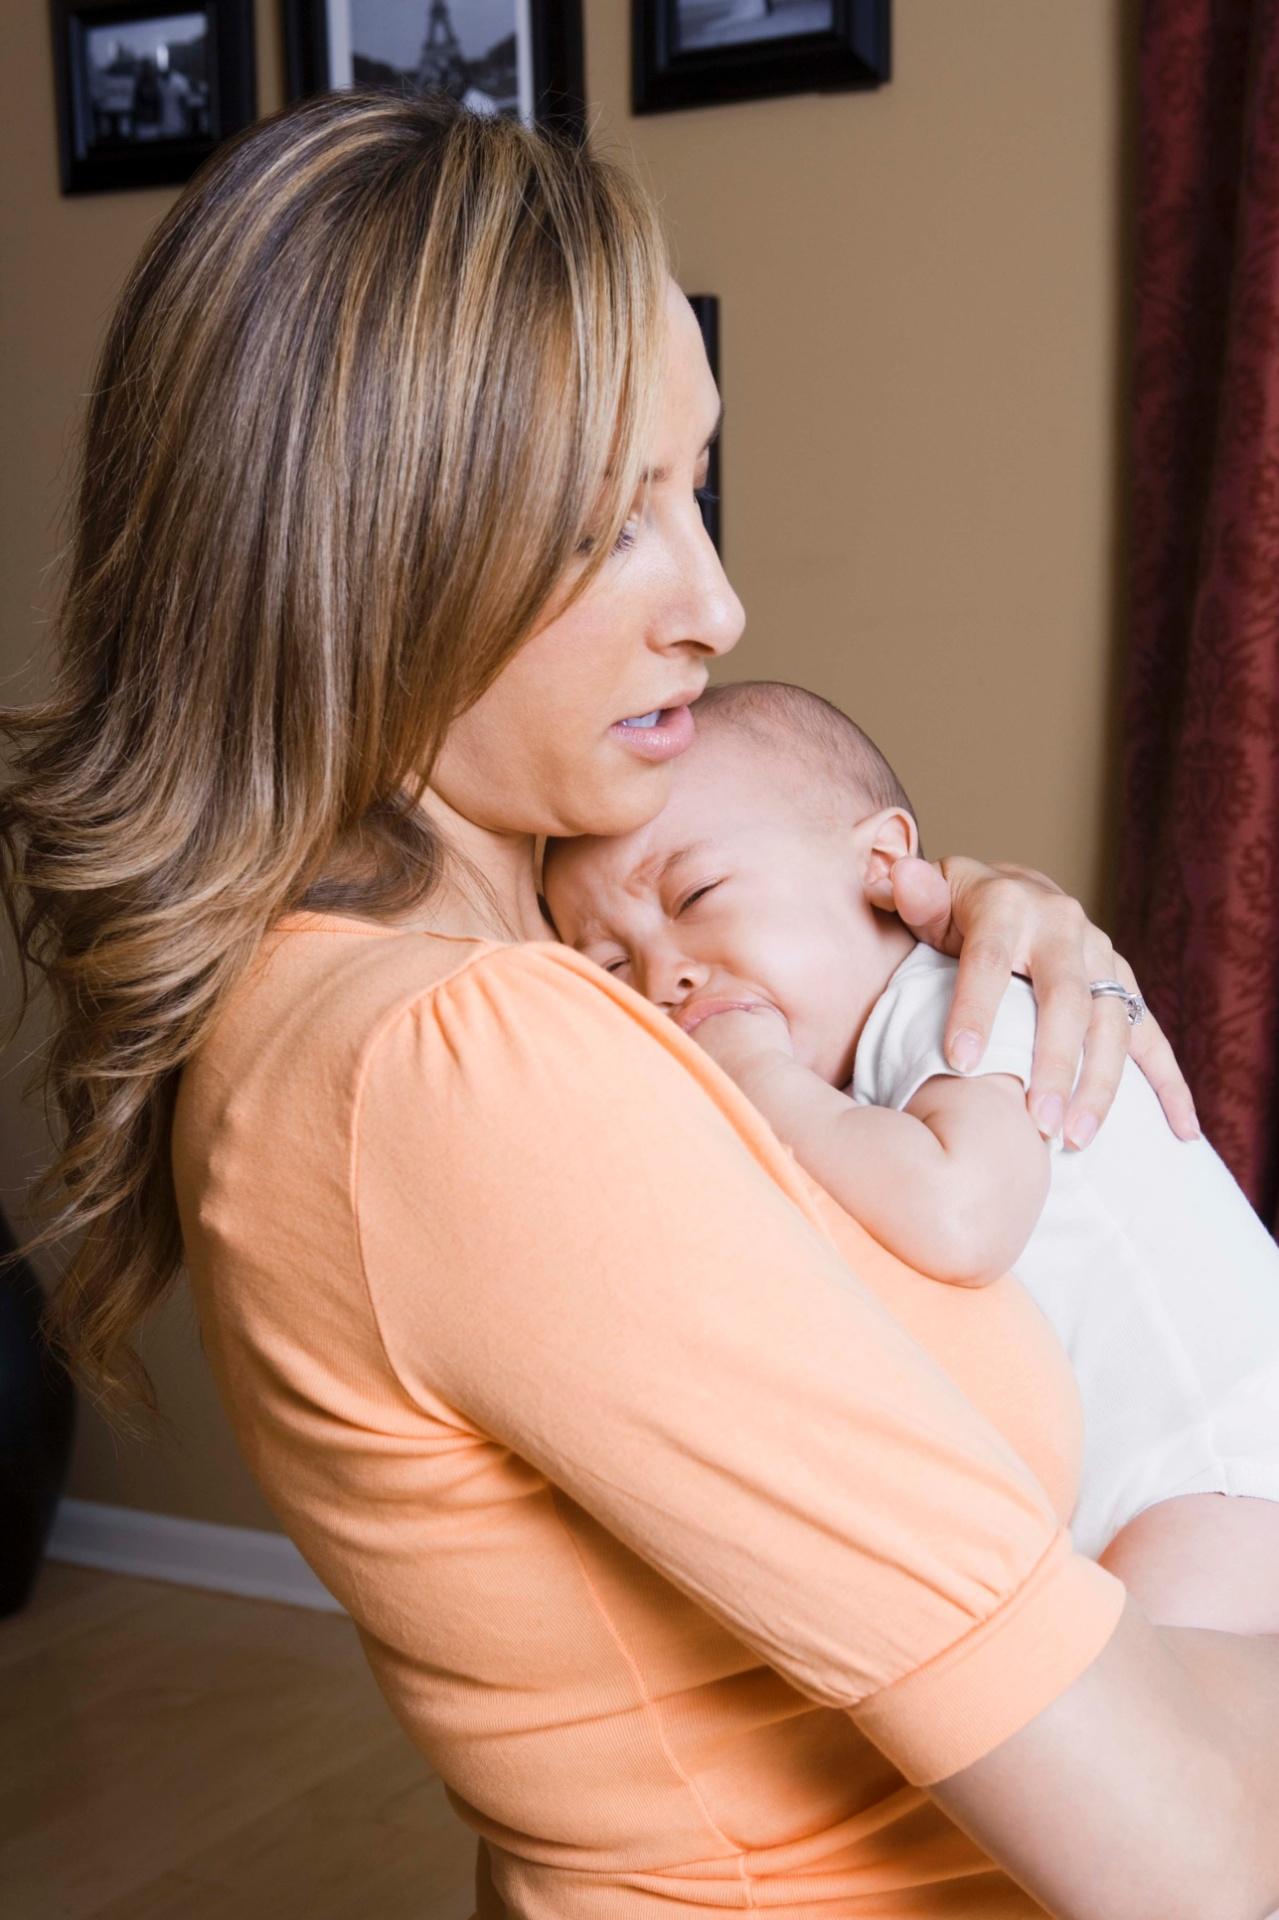 Aprenda táticas para amenizar as cólicas do bebê - 09 01 2014 - UOL Universa 7fcd552e84fef